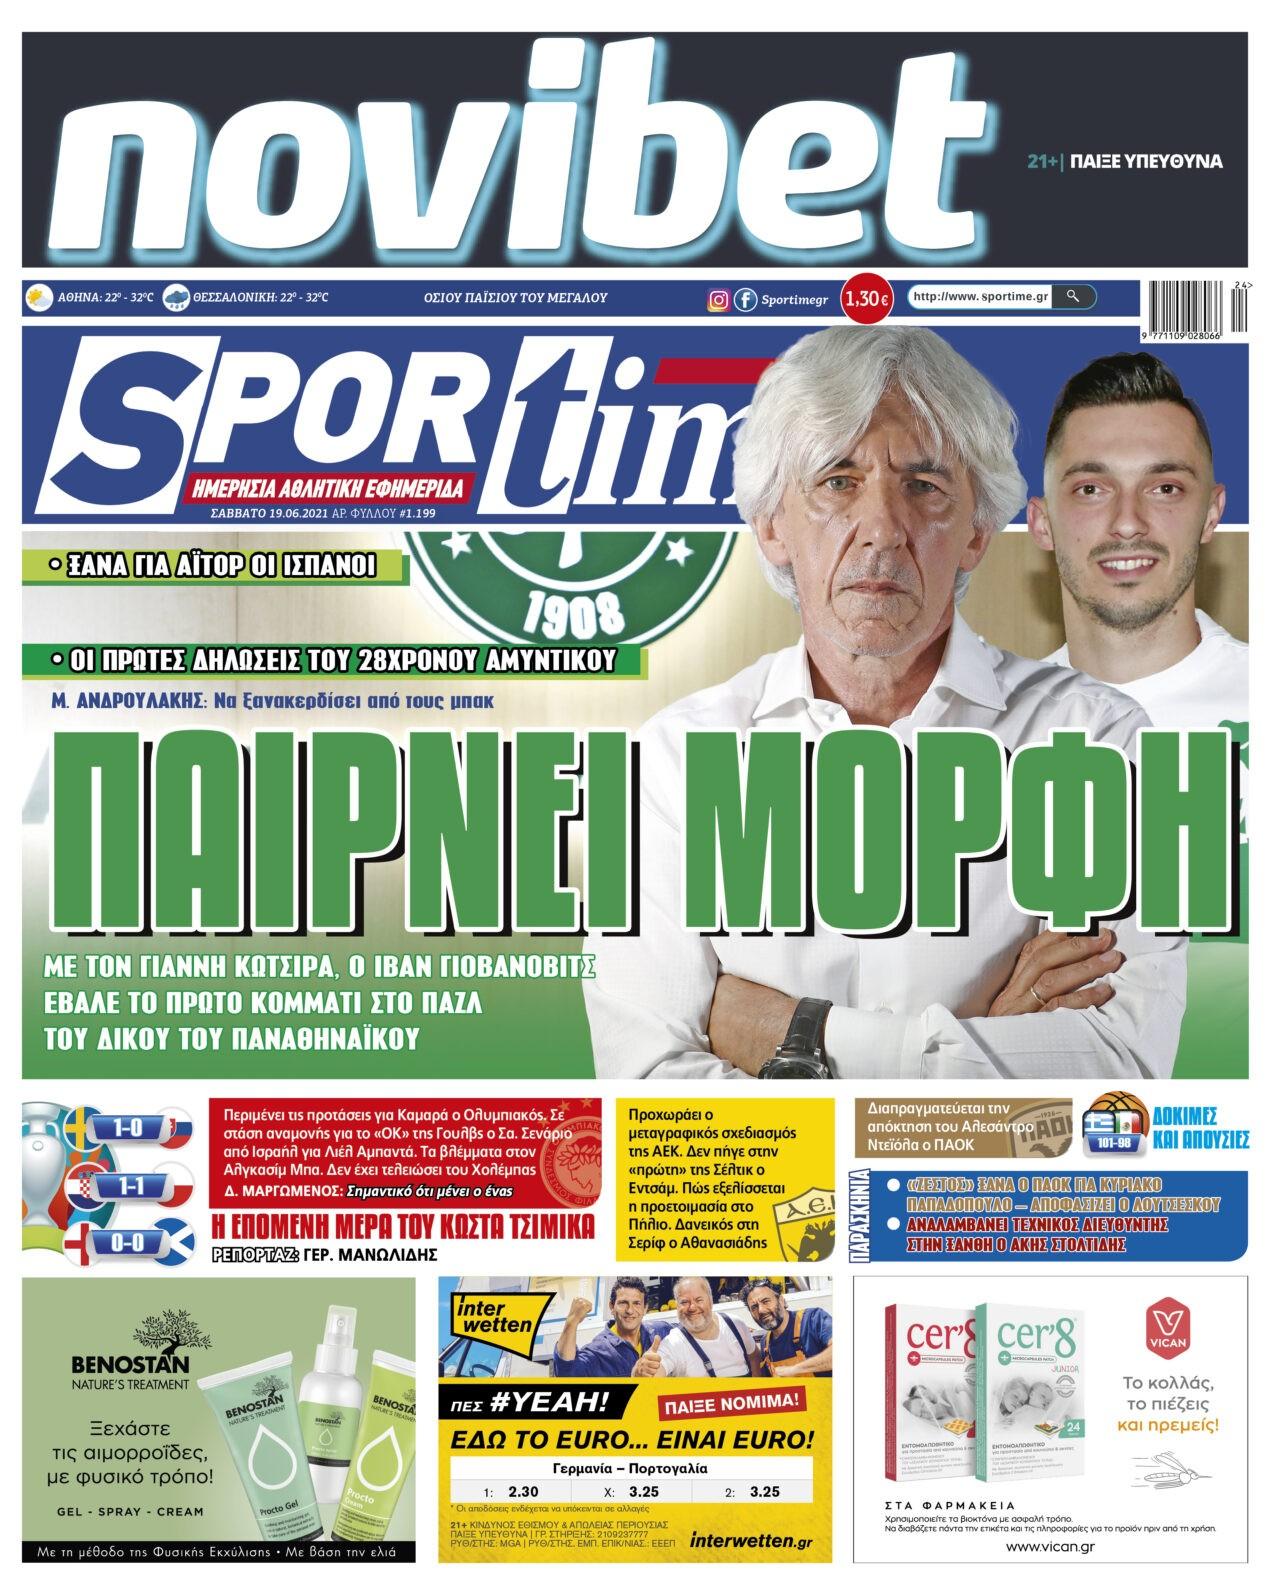 Sportime-Έντυπη έκδοση (19/6): Ο Γιάννης Κώτσιρας είναι η πρώτη μεταγραφή επί ημερών Ιβάν Γιοβάνοβιτς στον Παναθηναϊκό.